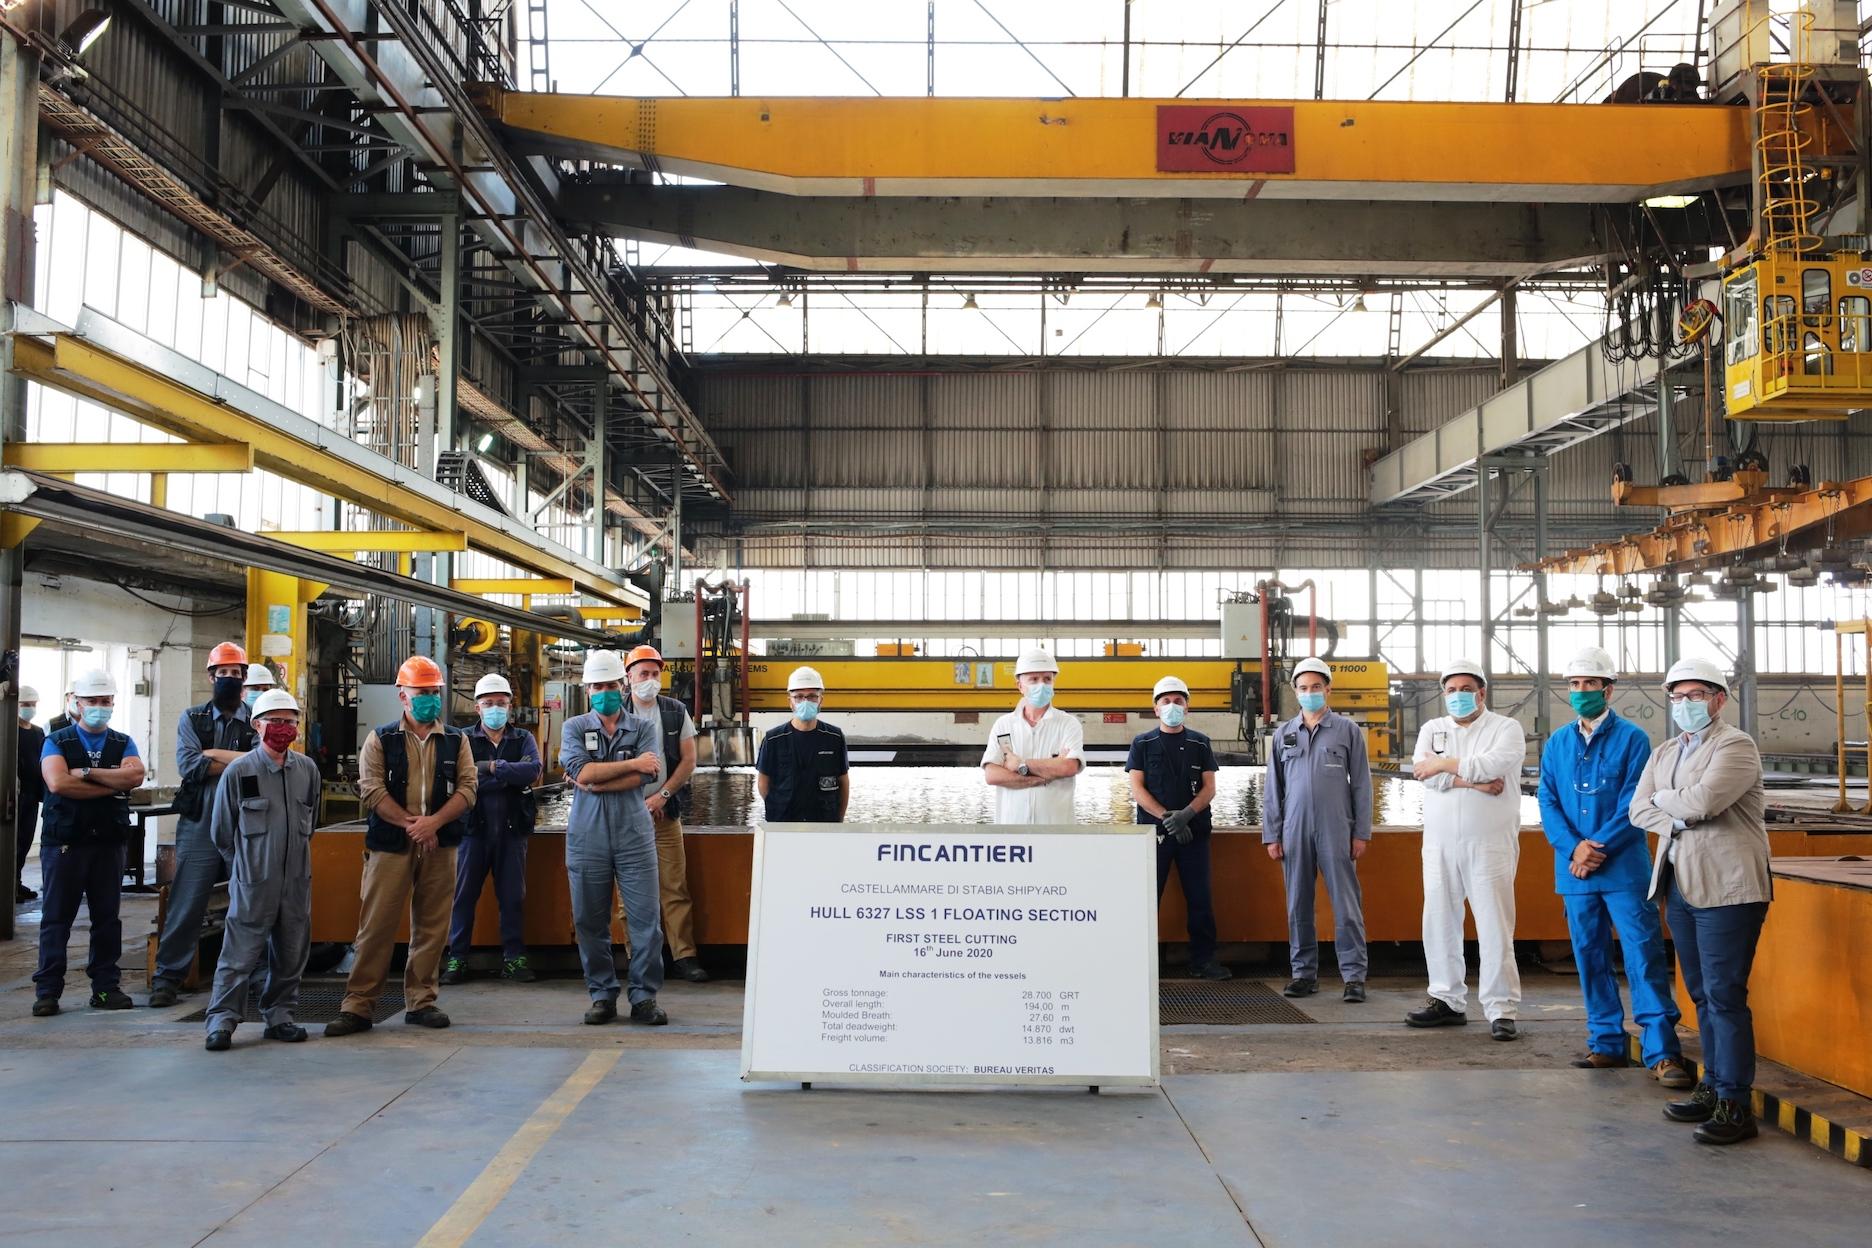 Fincantieri: tagliata prima lamiera della sezione di prua per Chantiers de l'Atlantique